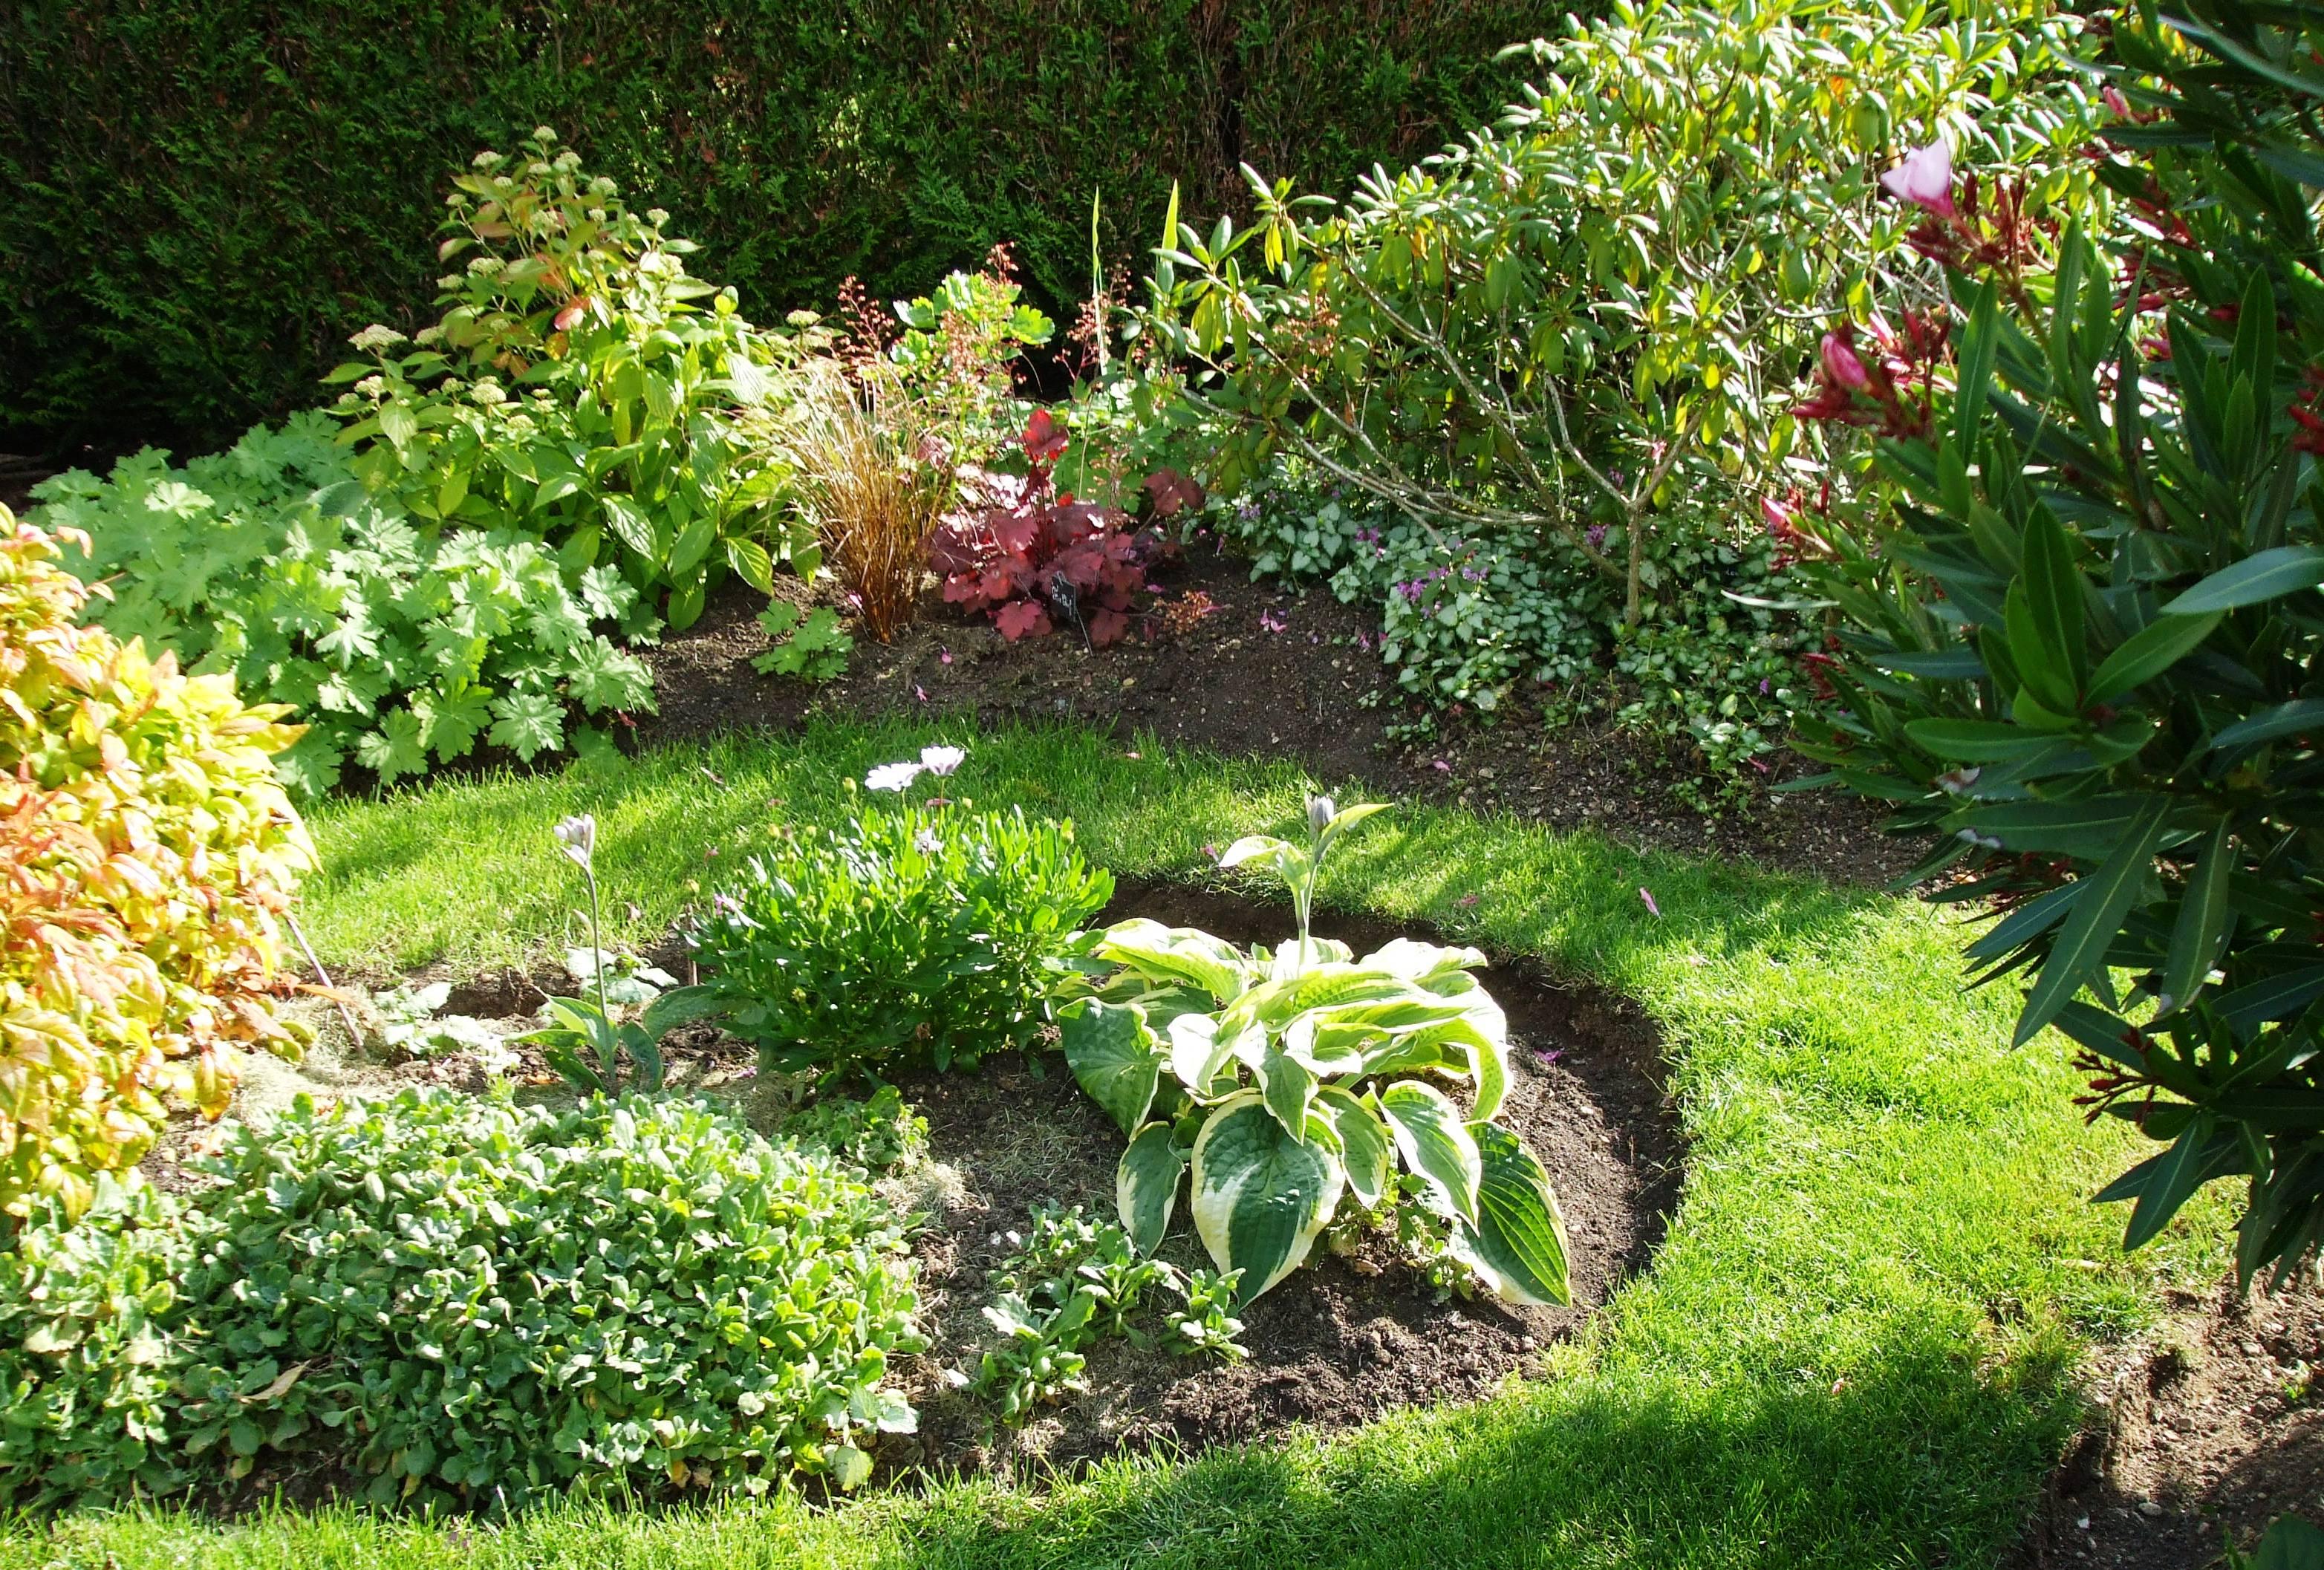 qu 39 avez vous fait au jardin d 39 ornement aujourd 39 hui page 249 au jardin forum de jardinage. Black Bedroom Furniture Sets. Home Design Ideas